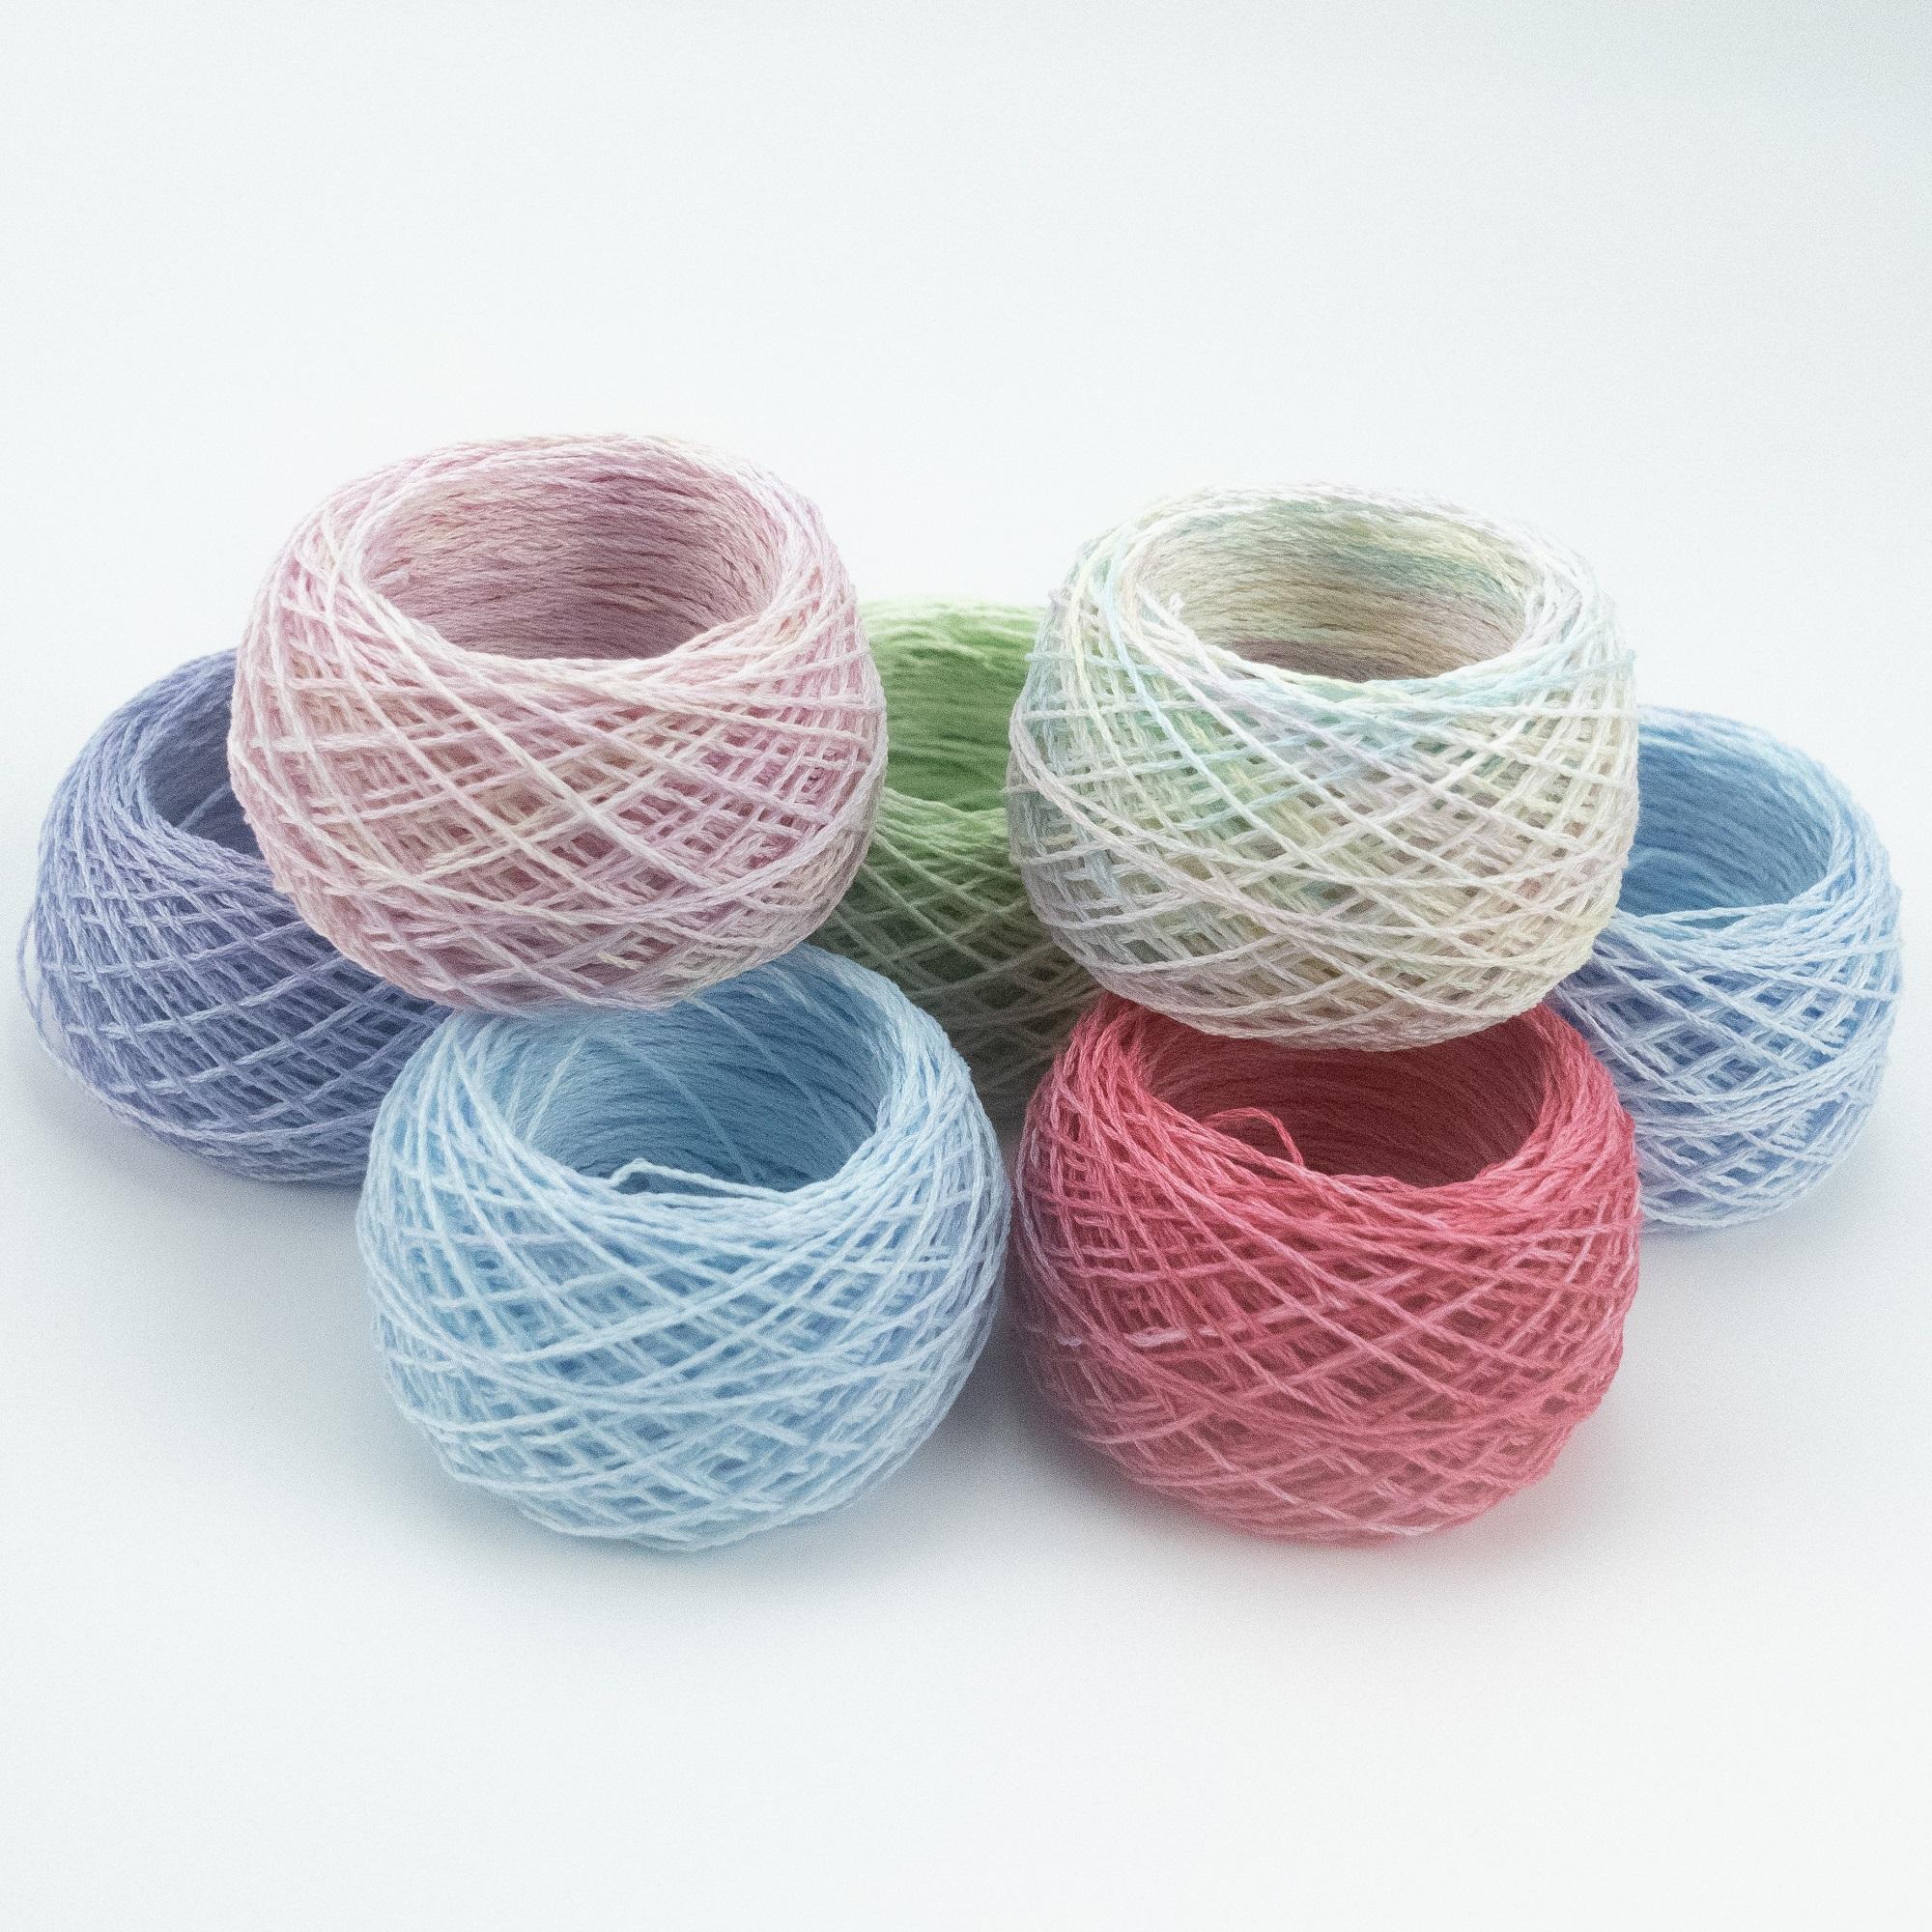 【10g(約20m)玉巻き】手仕事用ヘンプ糸 ~手編み・アクセサリー・手織り用に~